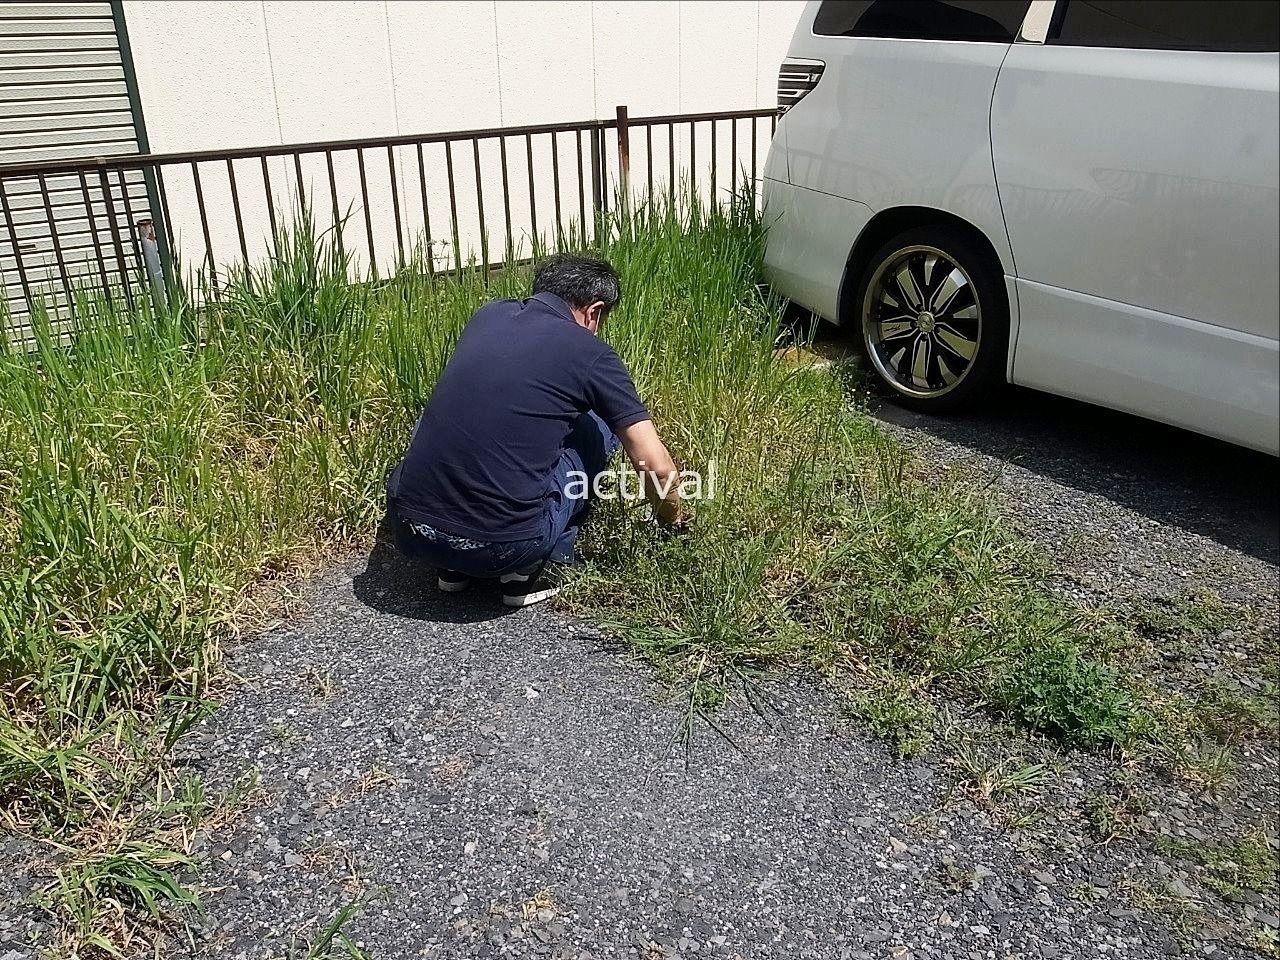 上司N島部長が駐車スペースの草を手で取りました!